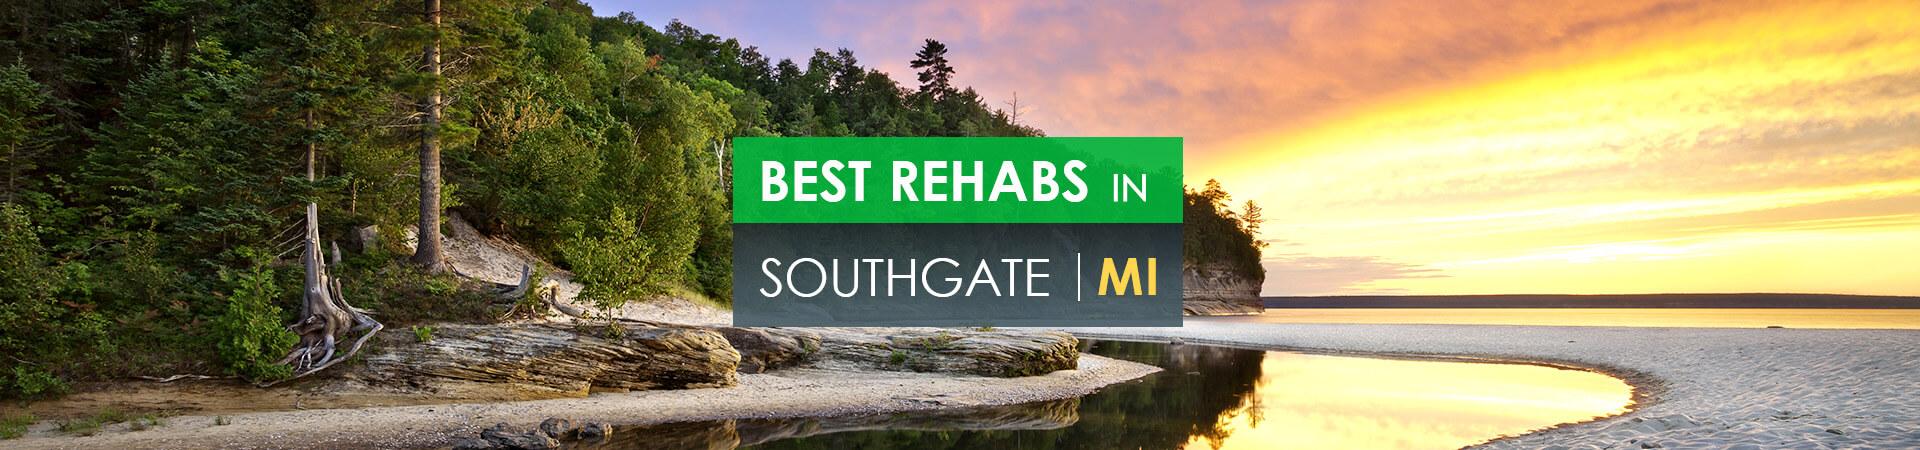 Best rehabs in Southgate, MI